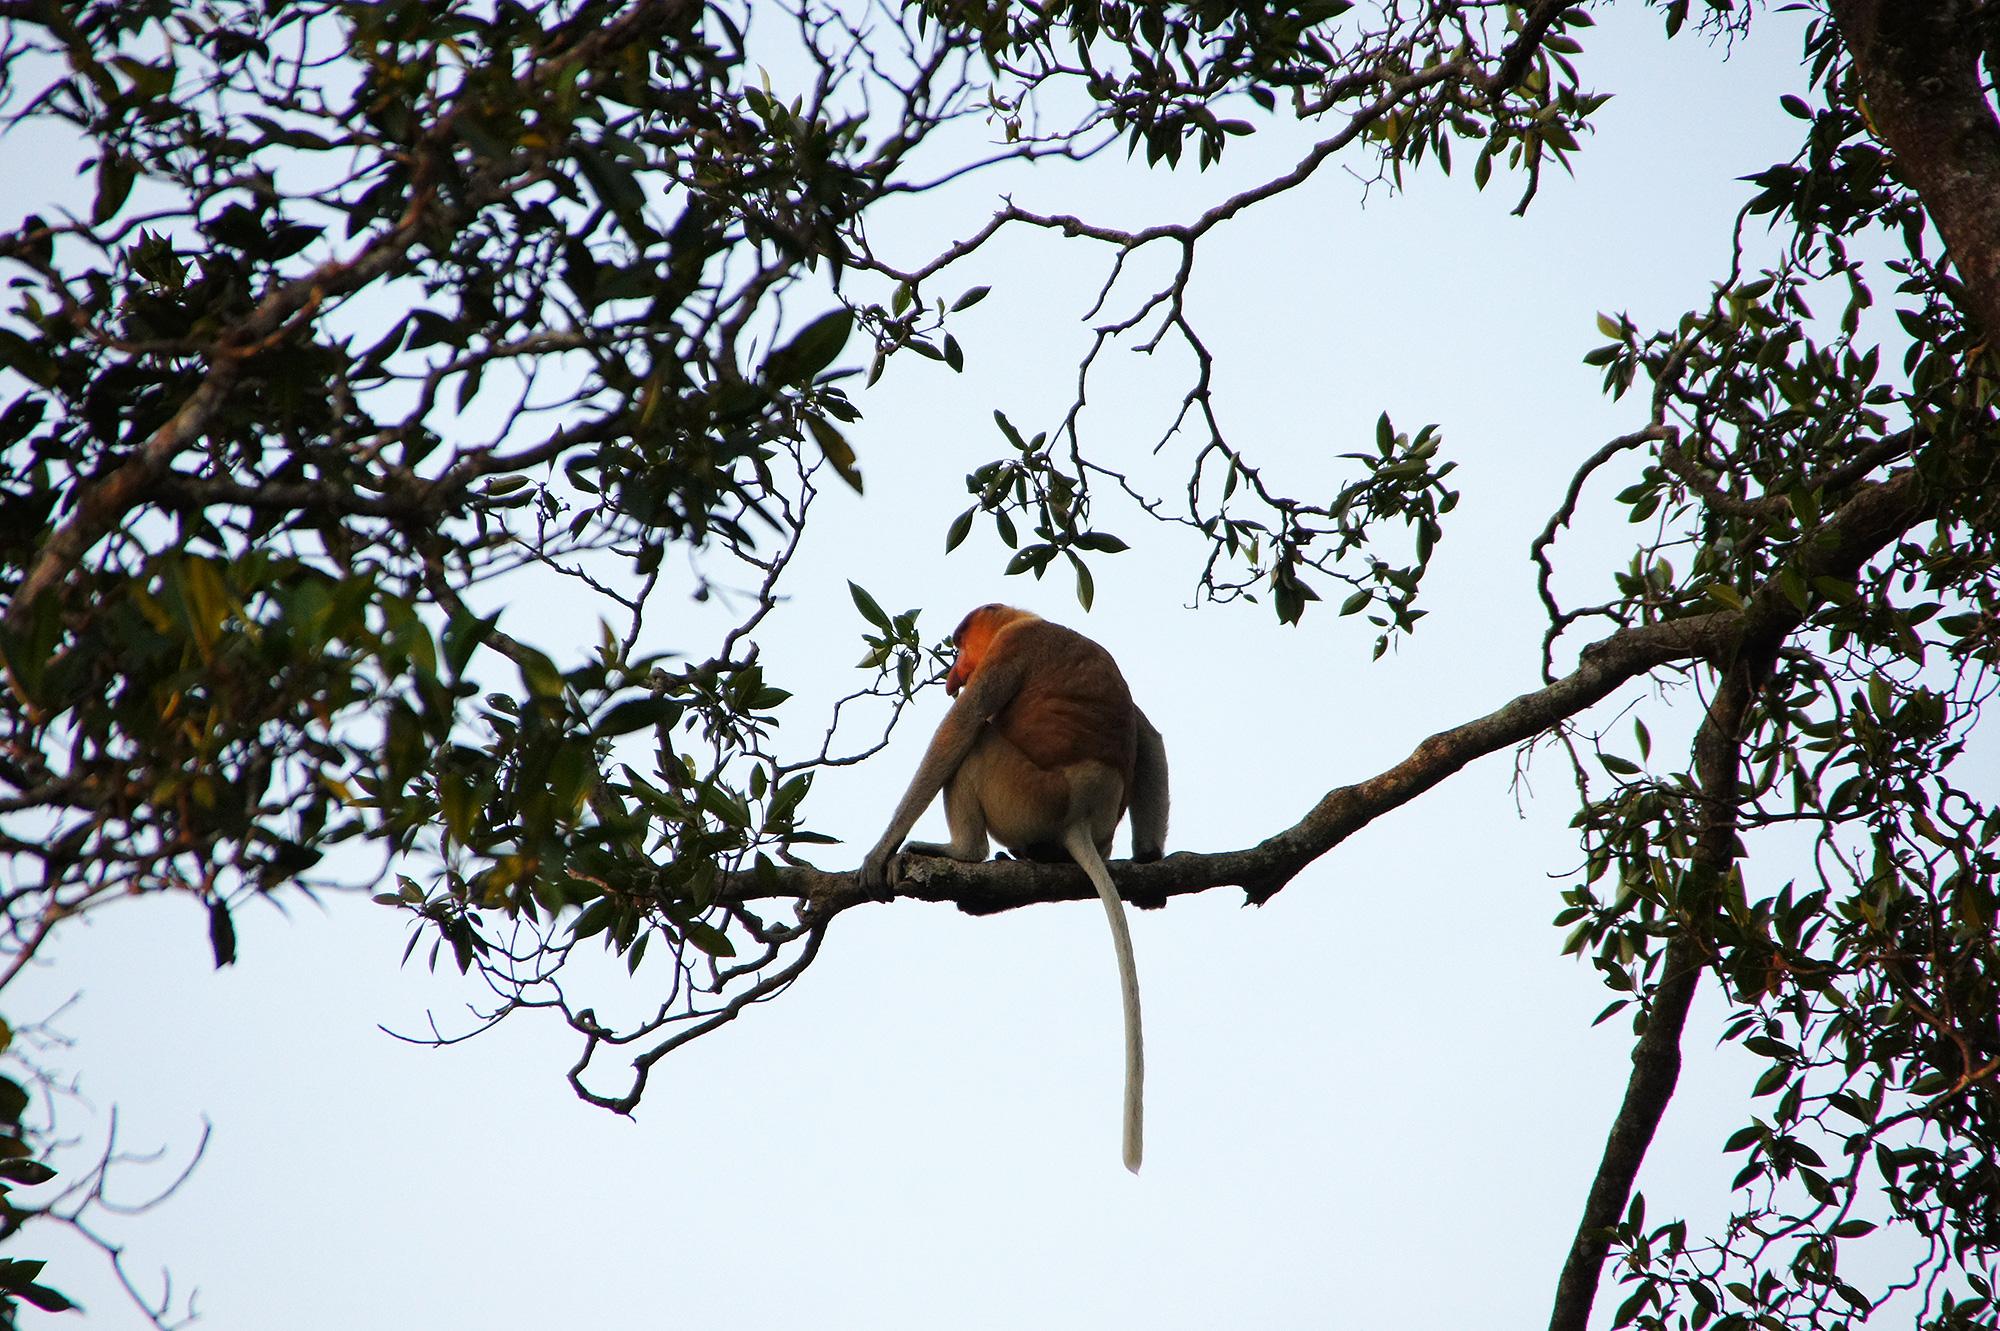 テング猿の写真素材(フリー)